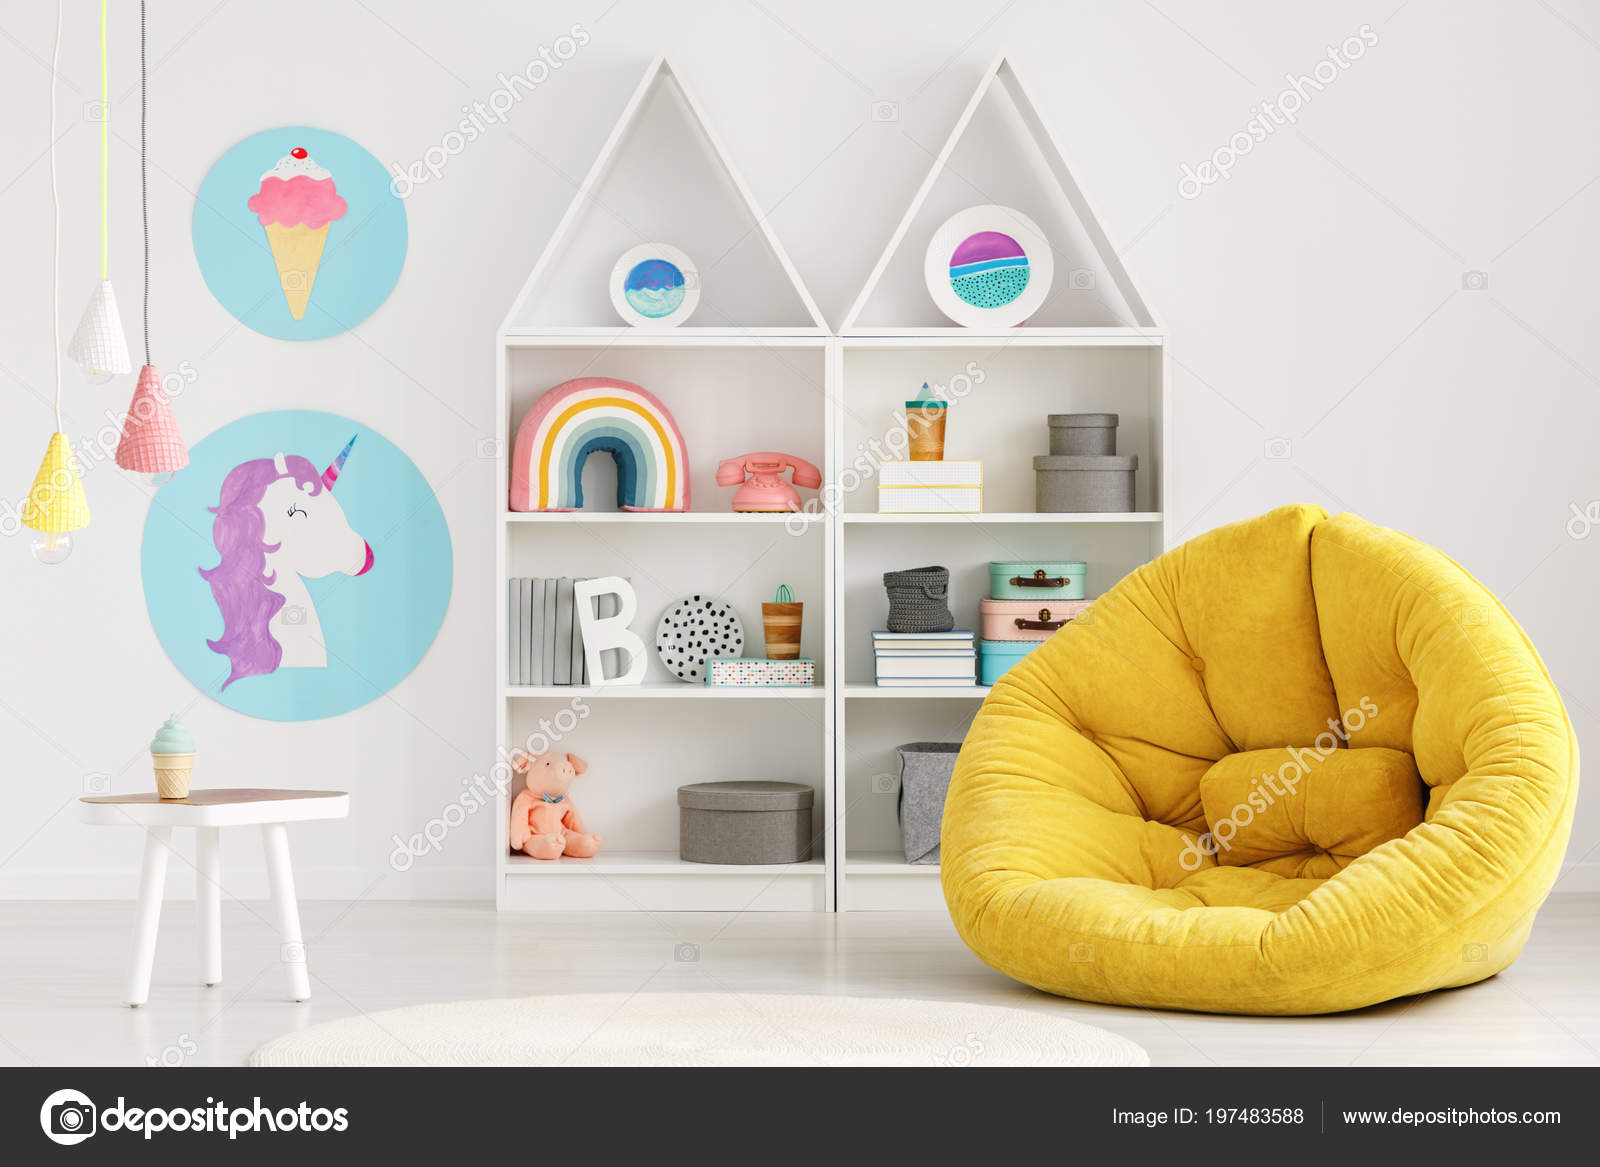 Kleurrijke Interieurs Pastel : Gele poef kleurrijke scandi kid kamer interieur met posters lampen